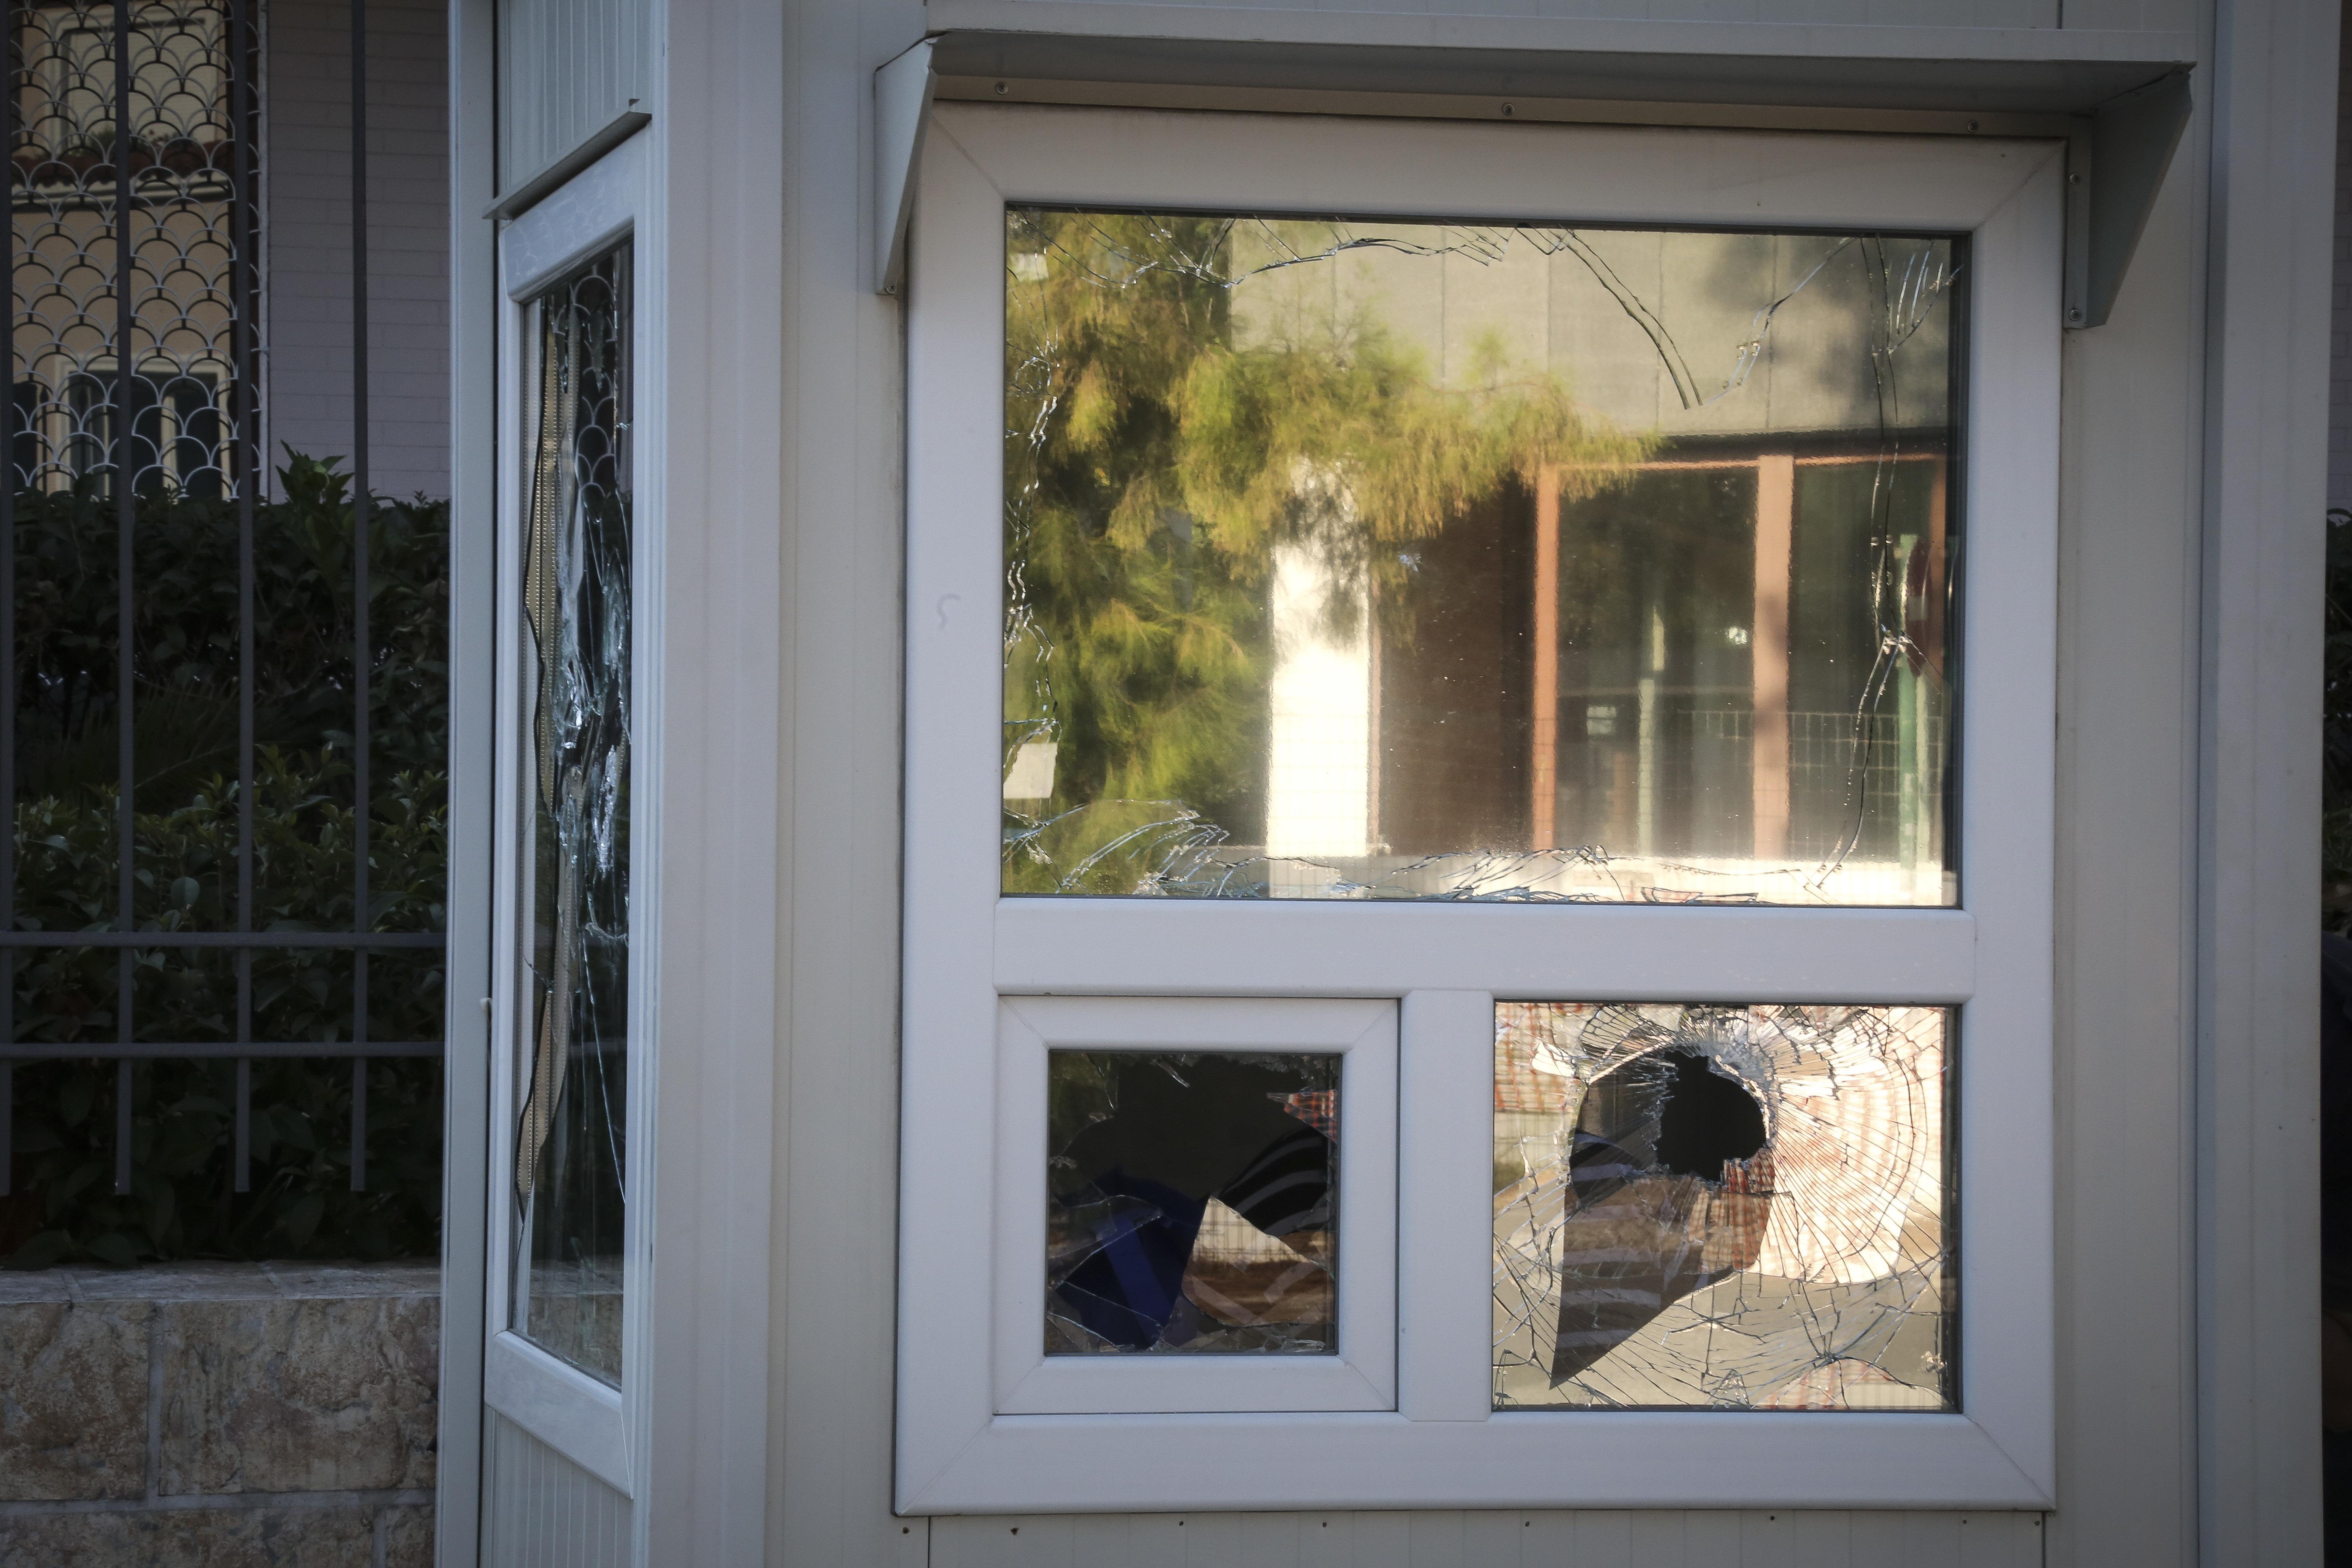 Ακυρώθηκε η διαταγή μετάθεσης του αστυνομικού που ήταν στην πρεσβεία του Ιράν στην επίθεση